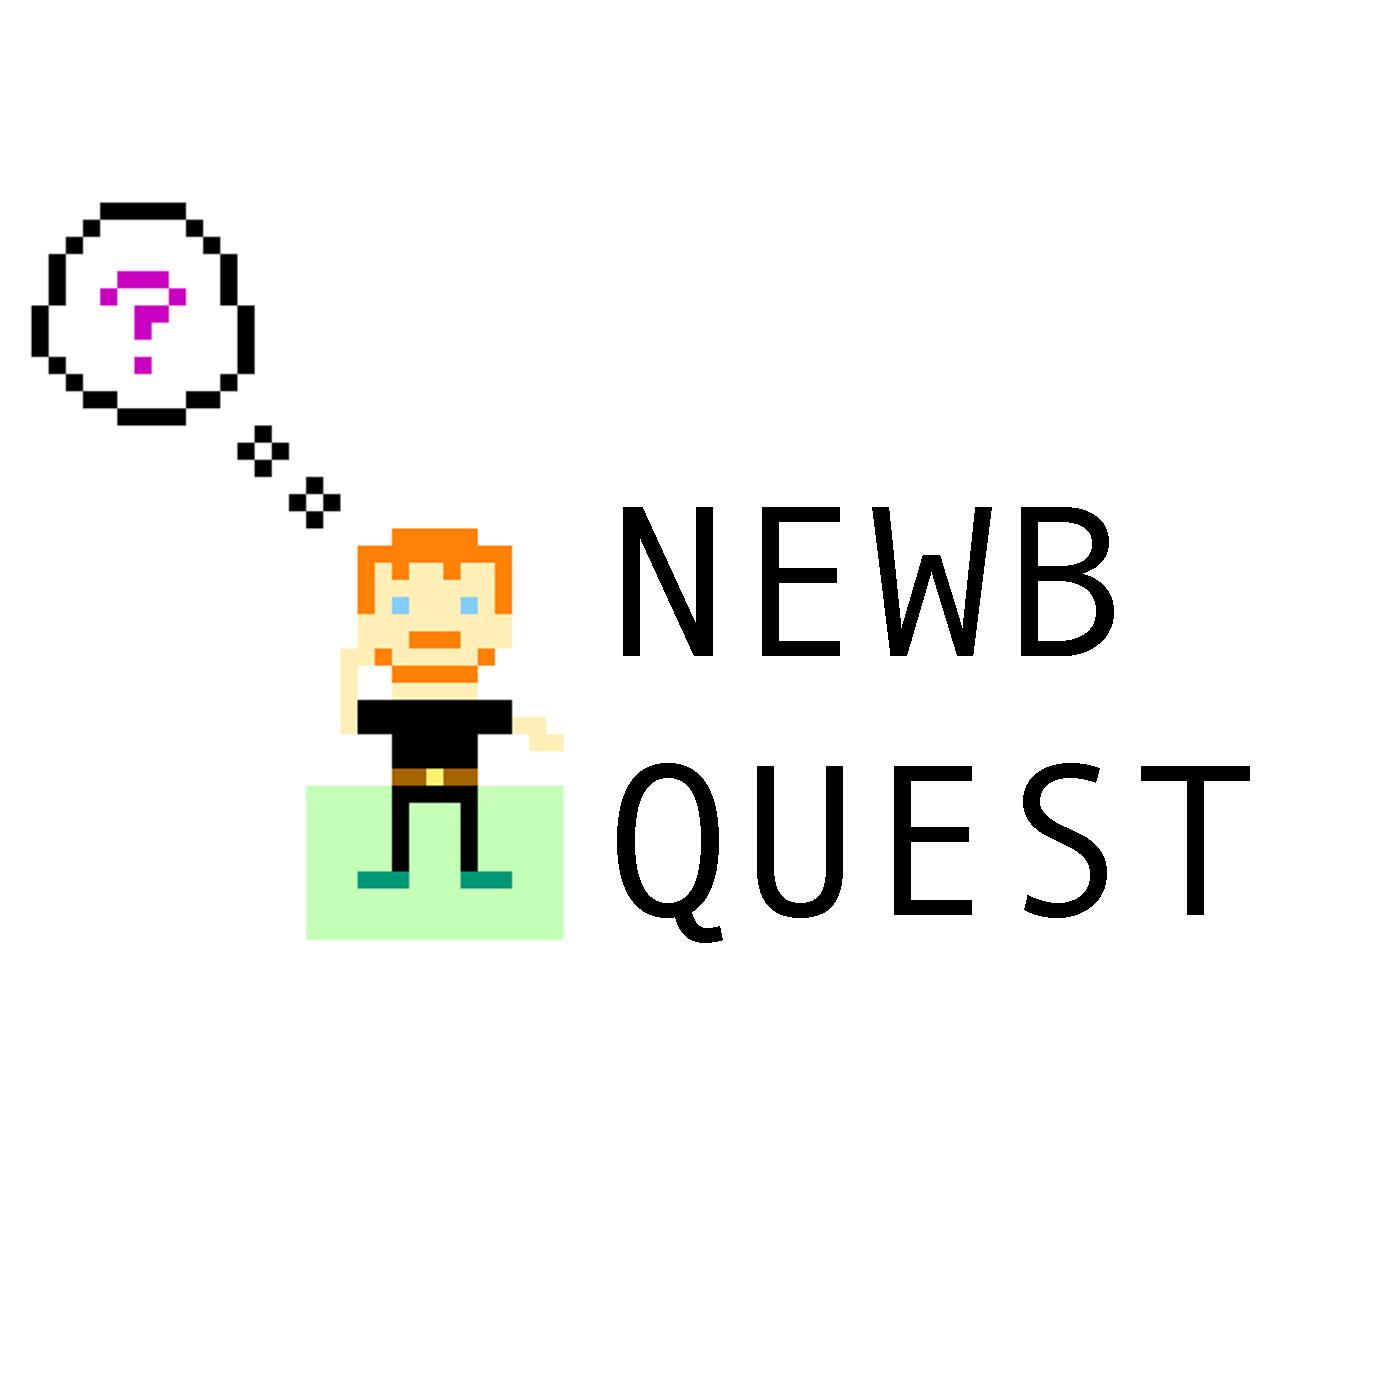 NewbQuest: Learn Indie Game Development